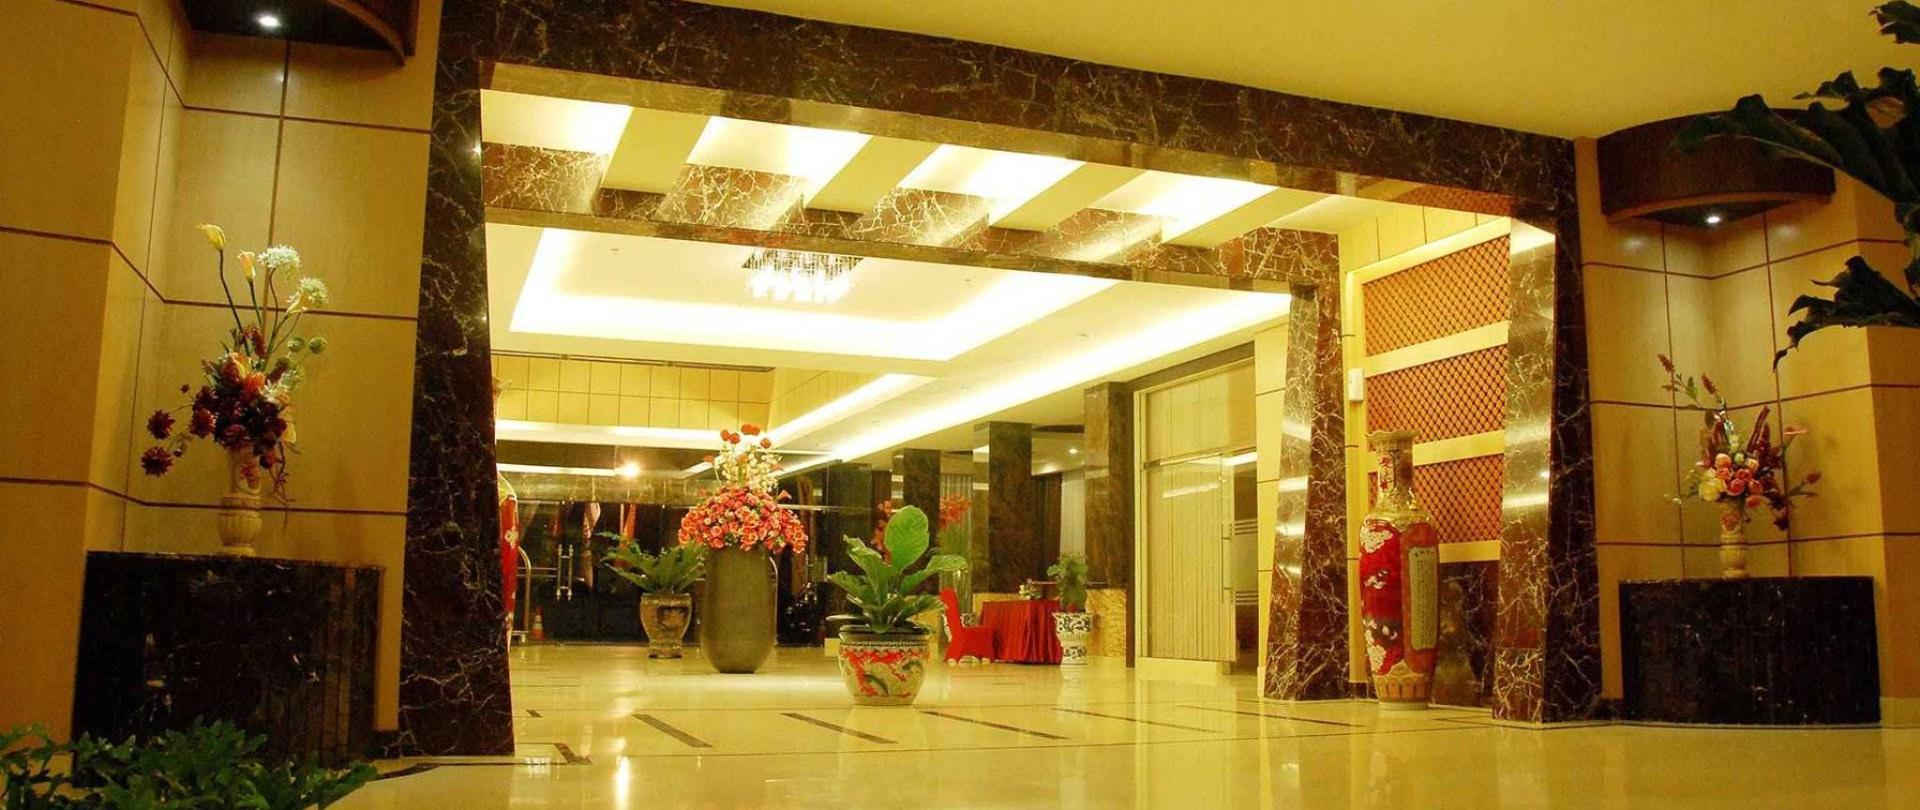 03-lobby.jpg